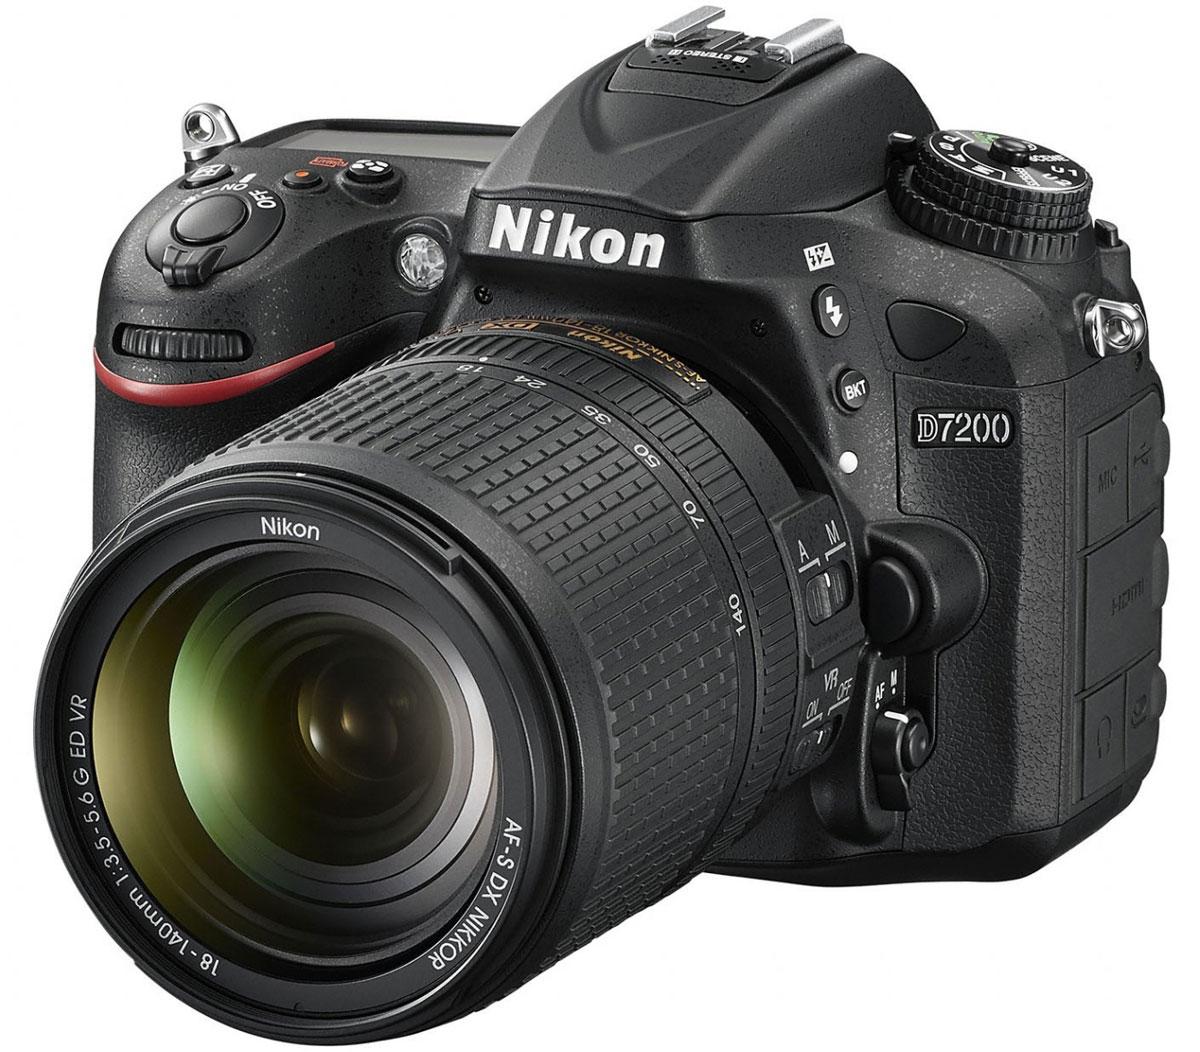 Nikon D7200 Kit 18-140 VR, Black цифровая зеркальная фотокамераVBA450KR01Совершенствуйте искусство фотографии с инновационной фотокамерой Nikon D7200. Эта цифровая зеркальная фотокамера формата DX гарантирует получение превосходных резких изображений и видео в отличном качестве, а также предоставляет все возможности для связи. Nikon D7200 - универсальная модель с быстрым откликом, которая превосходит любые ожидания. Реальность превосходит ожидания Невероятная детализация изображений с 24,2-мегапиксельной матрицей: создавайте фотографии с совершенно новым уровнем качества. Фотокамера D7200 оснащена матрицей формата DX с разрешением 24,2 мегапикселя, в конструкции которой не используется оптический низкочастотный фильтр (OLPF), что позволяет в полной мере реализовать потенциал матрицы для создания неизменно резких изображений в широком динамическом диапазоне, с низким уровнем шума и насыщенными цветами. АФ профессионального уровня Благодаря лучшей в своем классе системе АФ фотокамера D7200 фокусируется с...